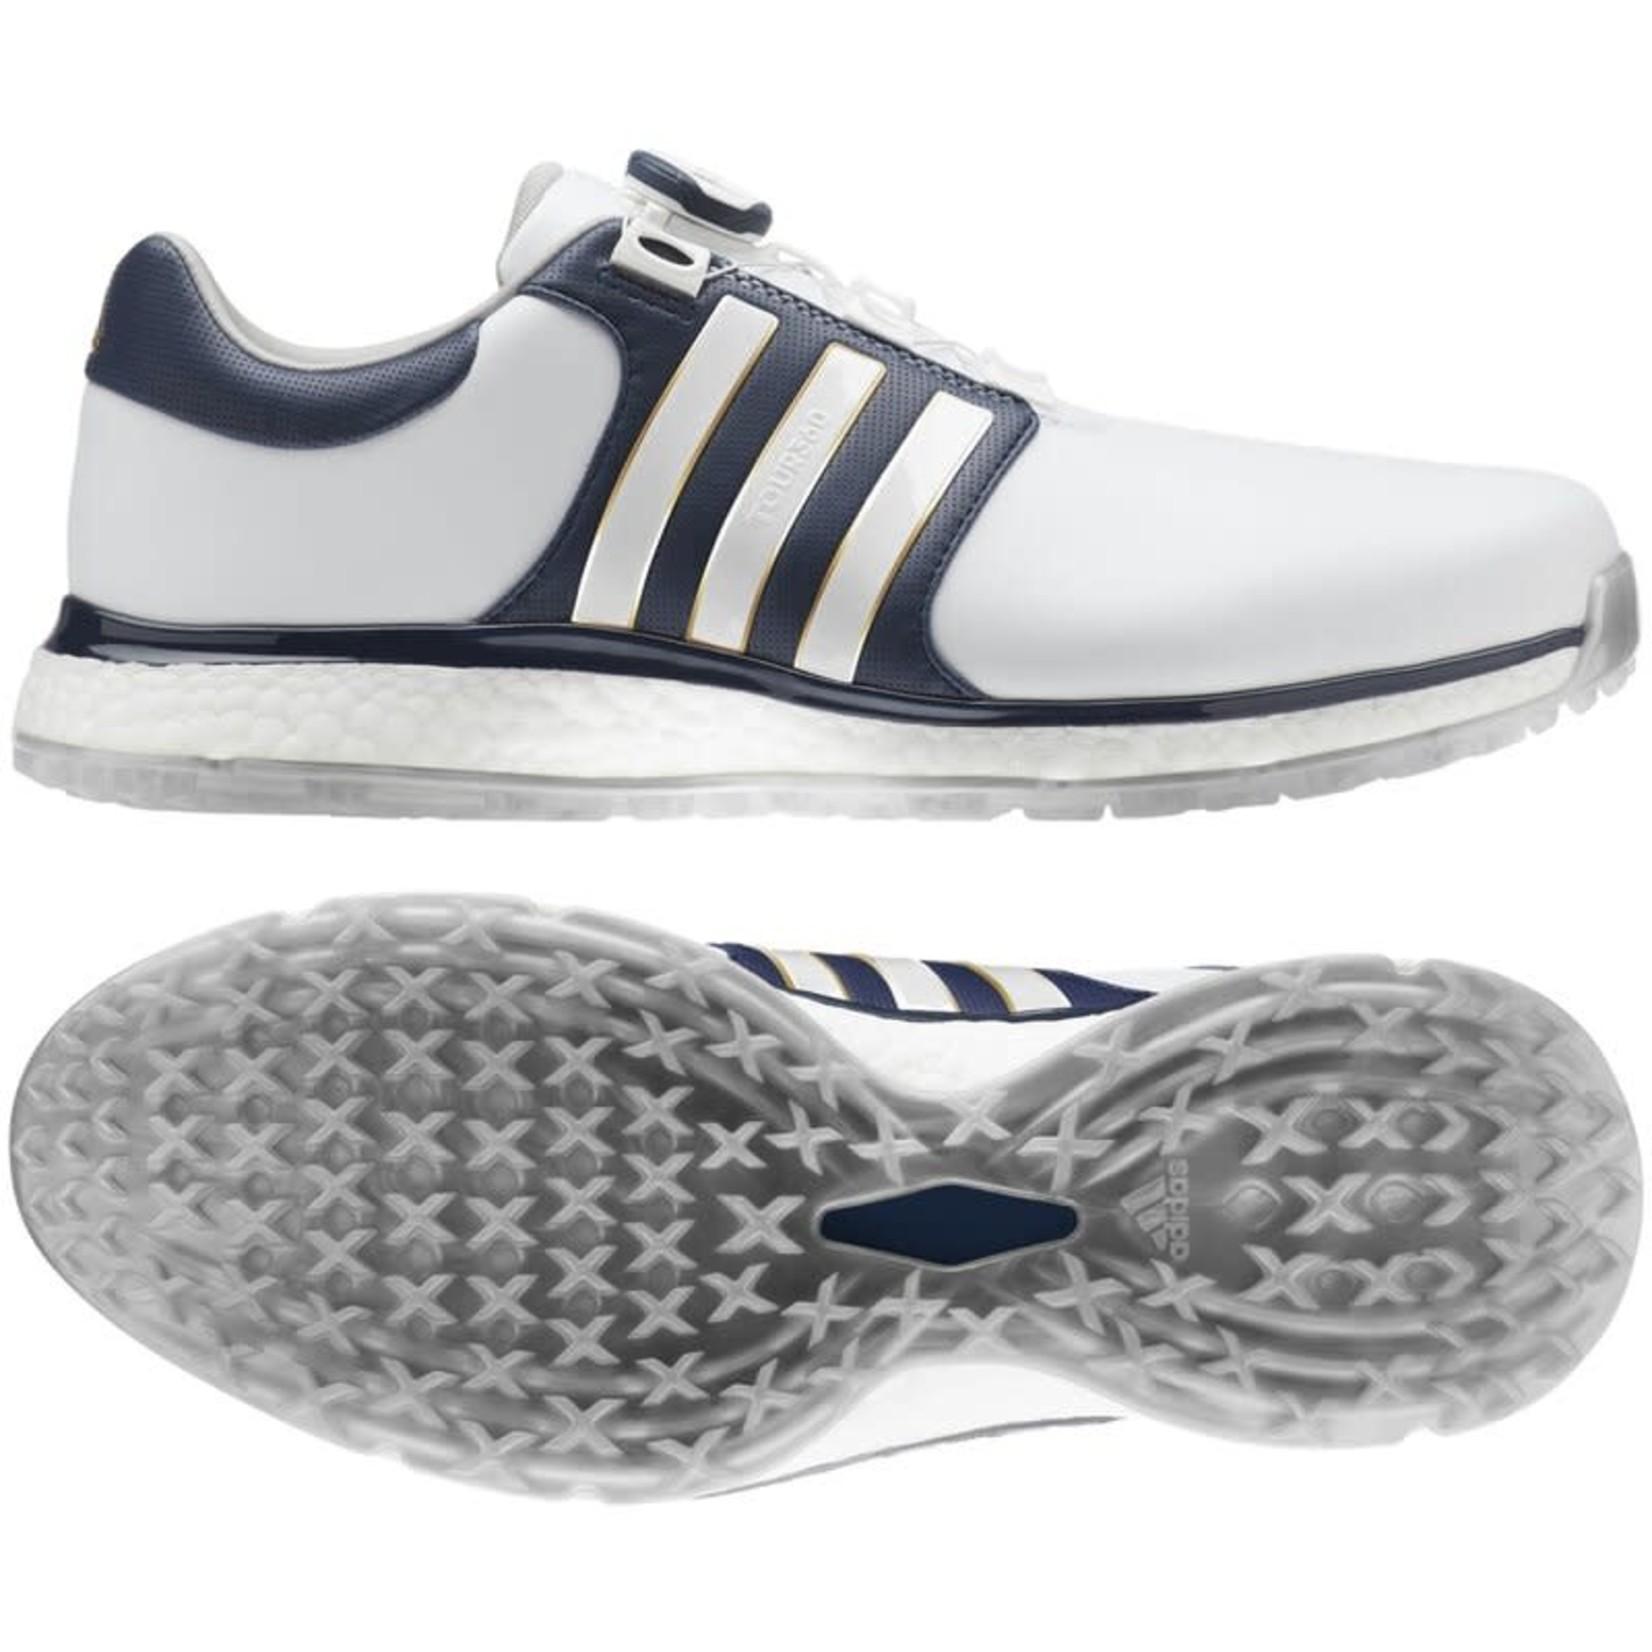 Adidas Adidas TOUR360 XT-SL BOA (Wide) White/Navy UK: 10 / EU : 44,7